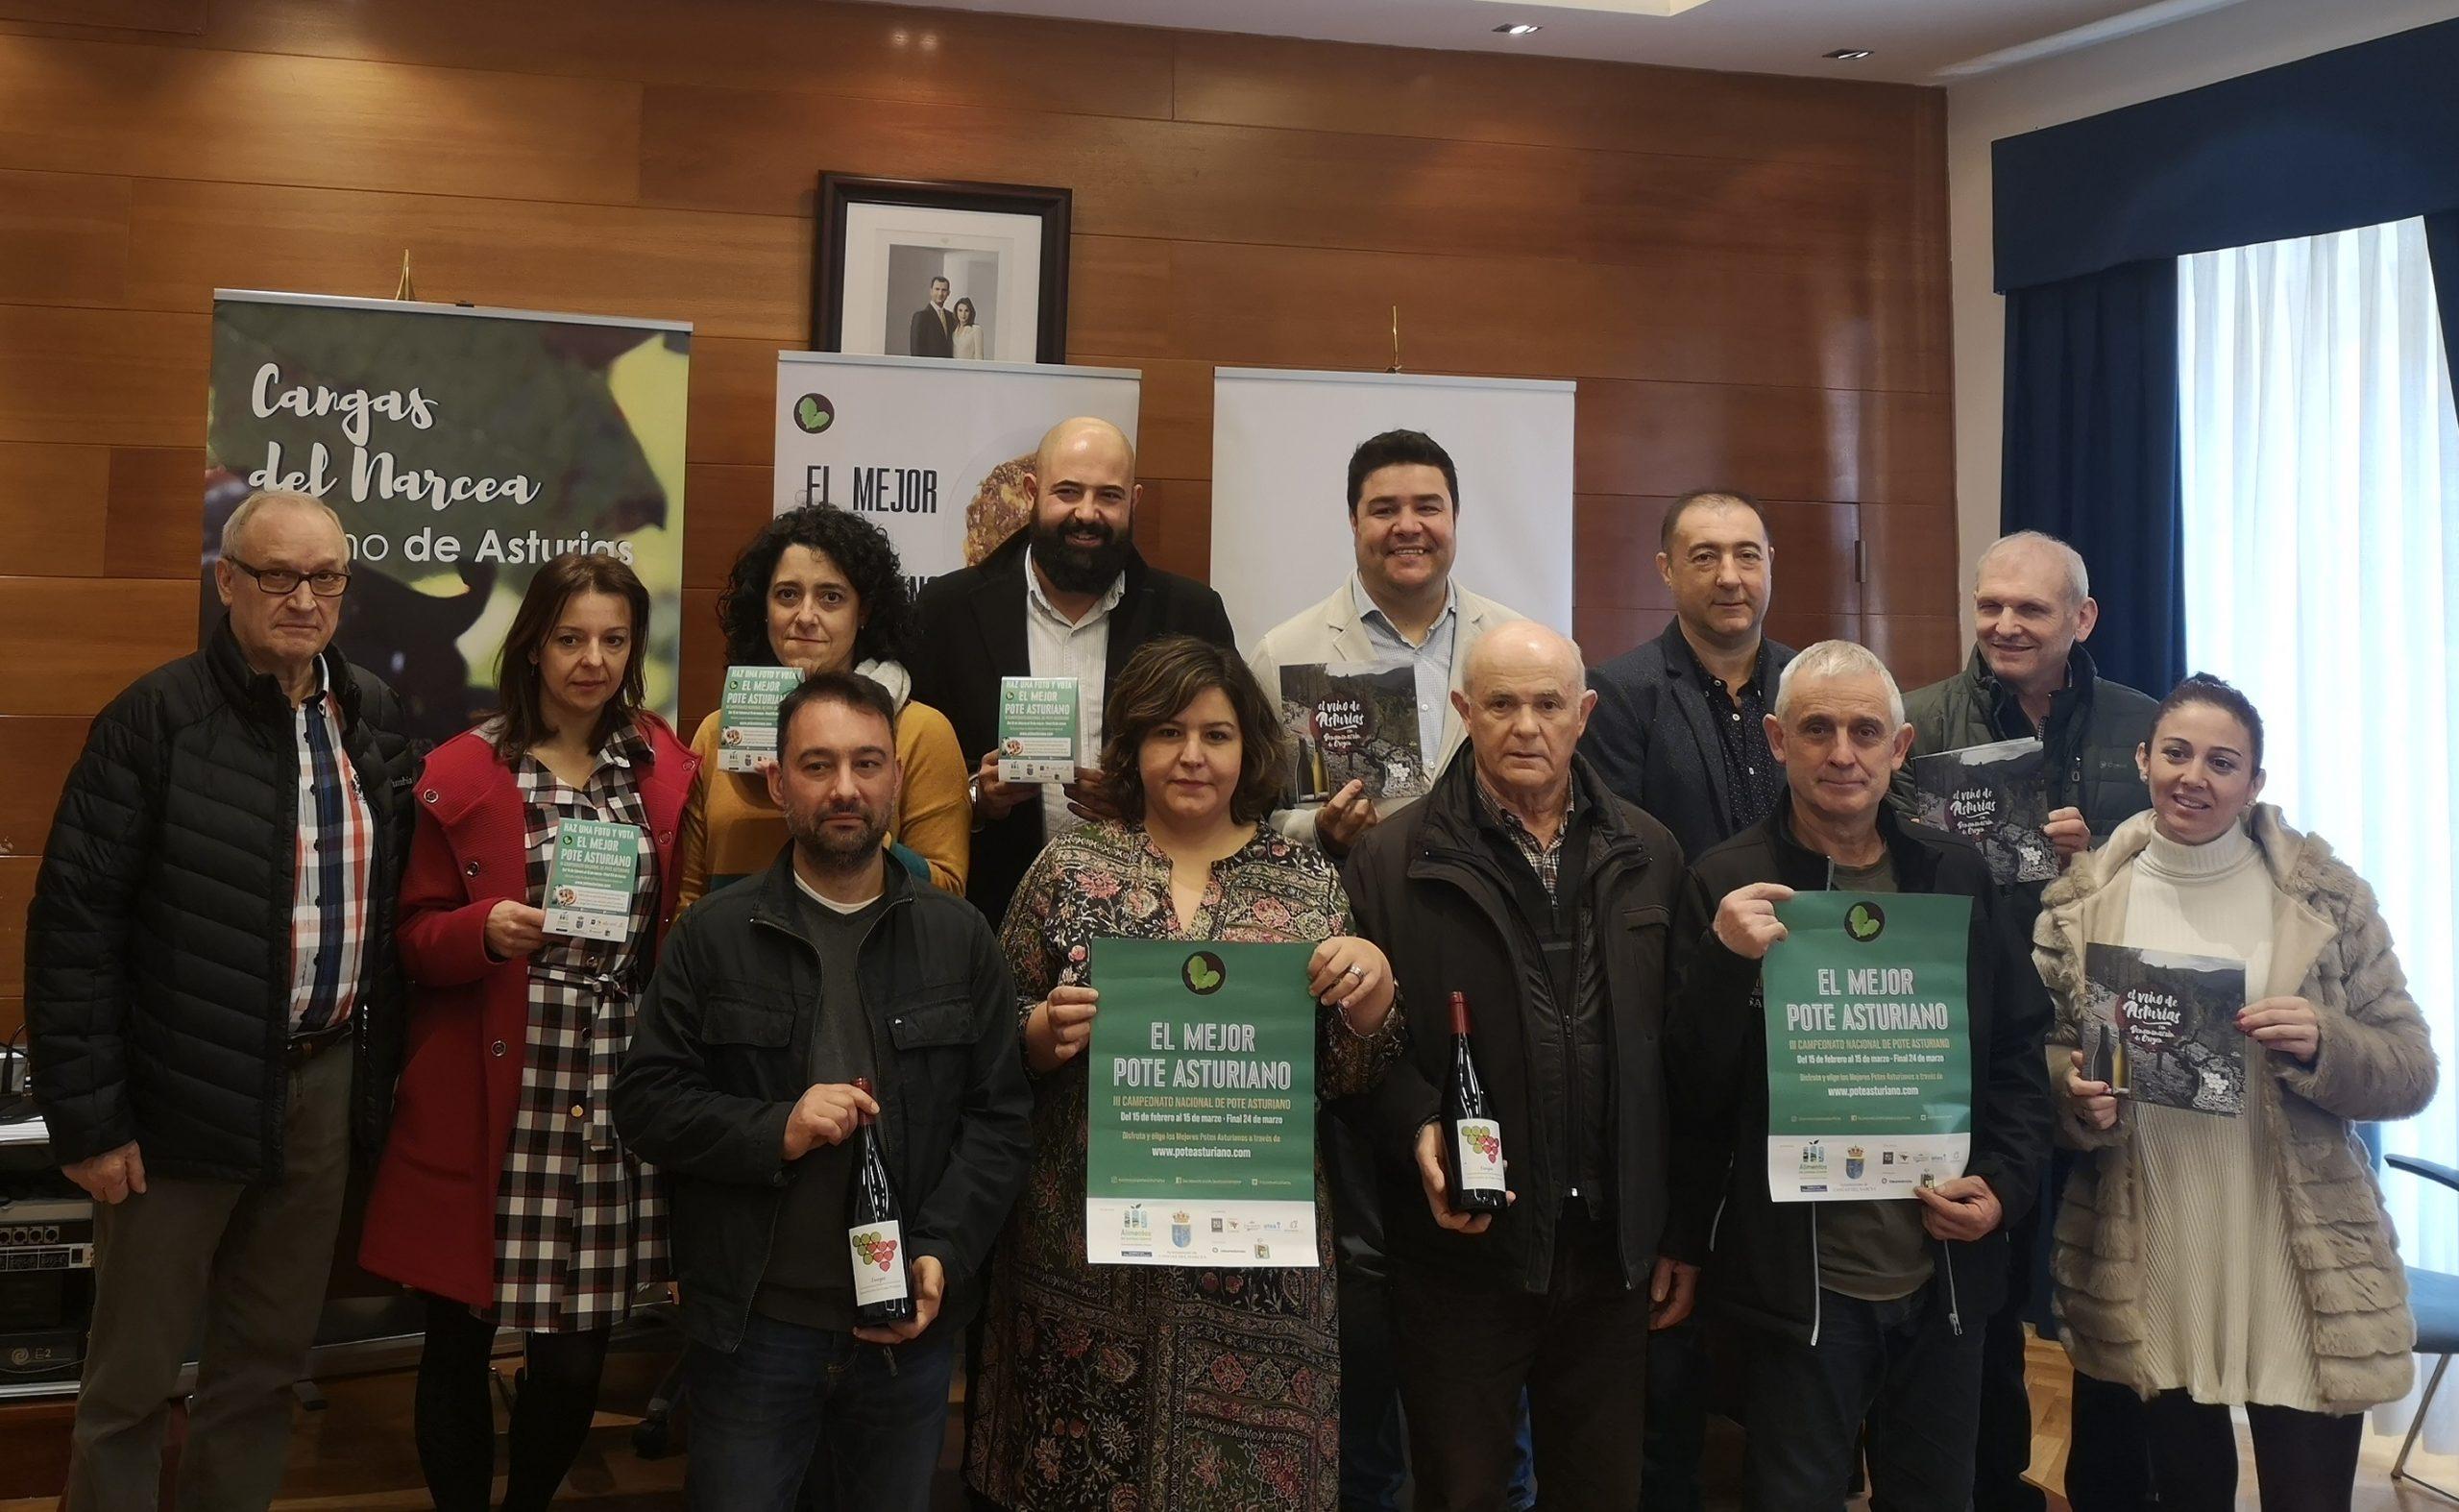 Presentación III Campeonato de España de Pote Asturiano en Cangas del Narcea